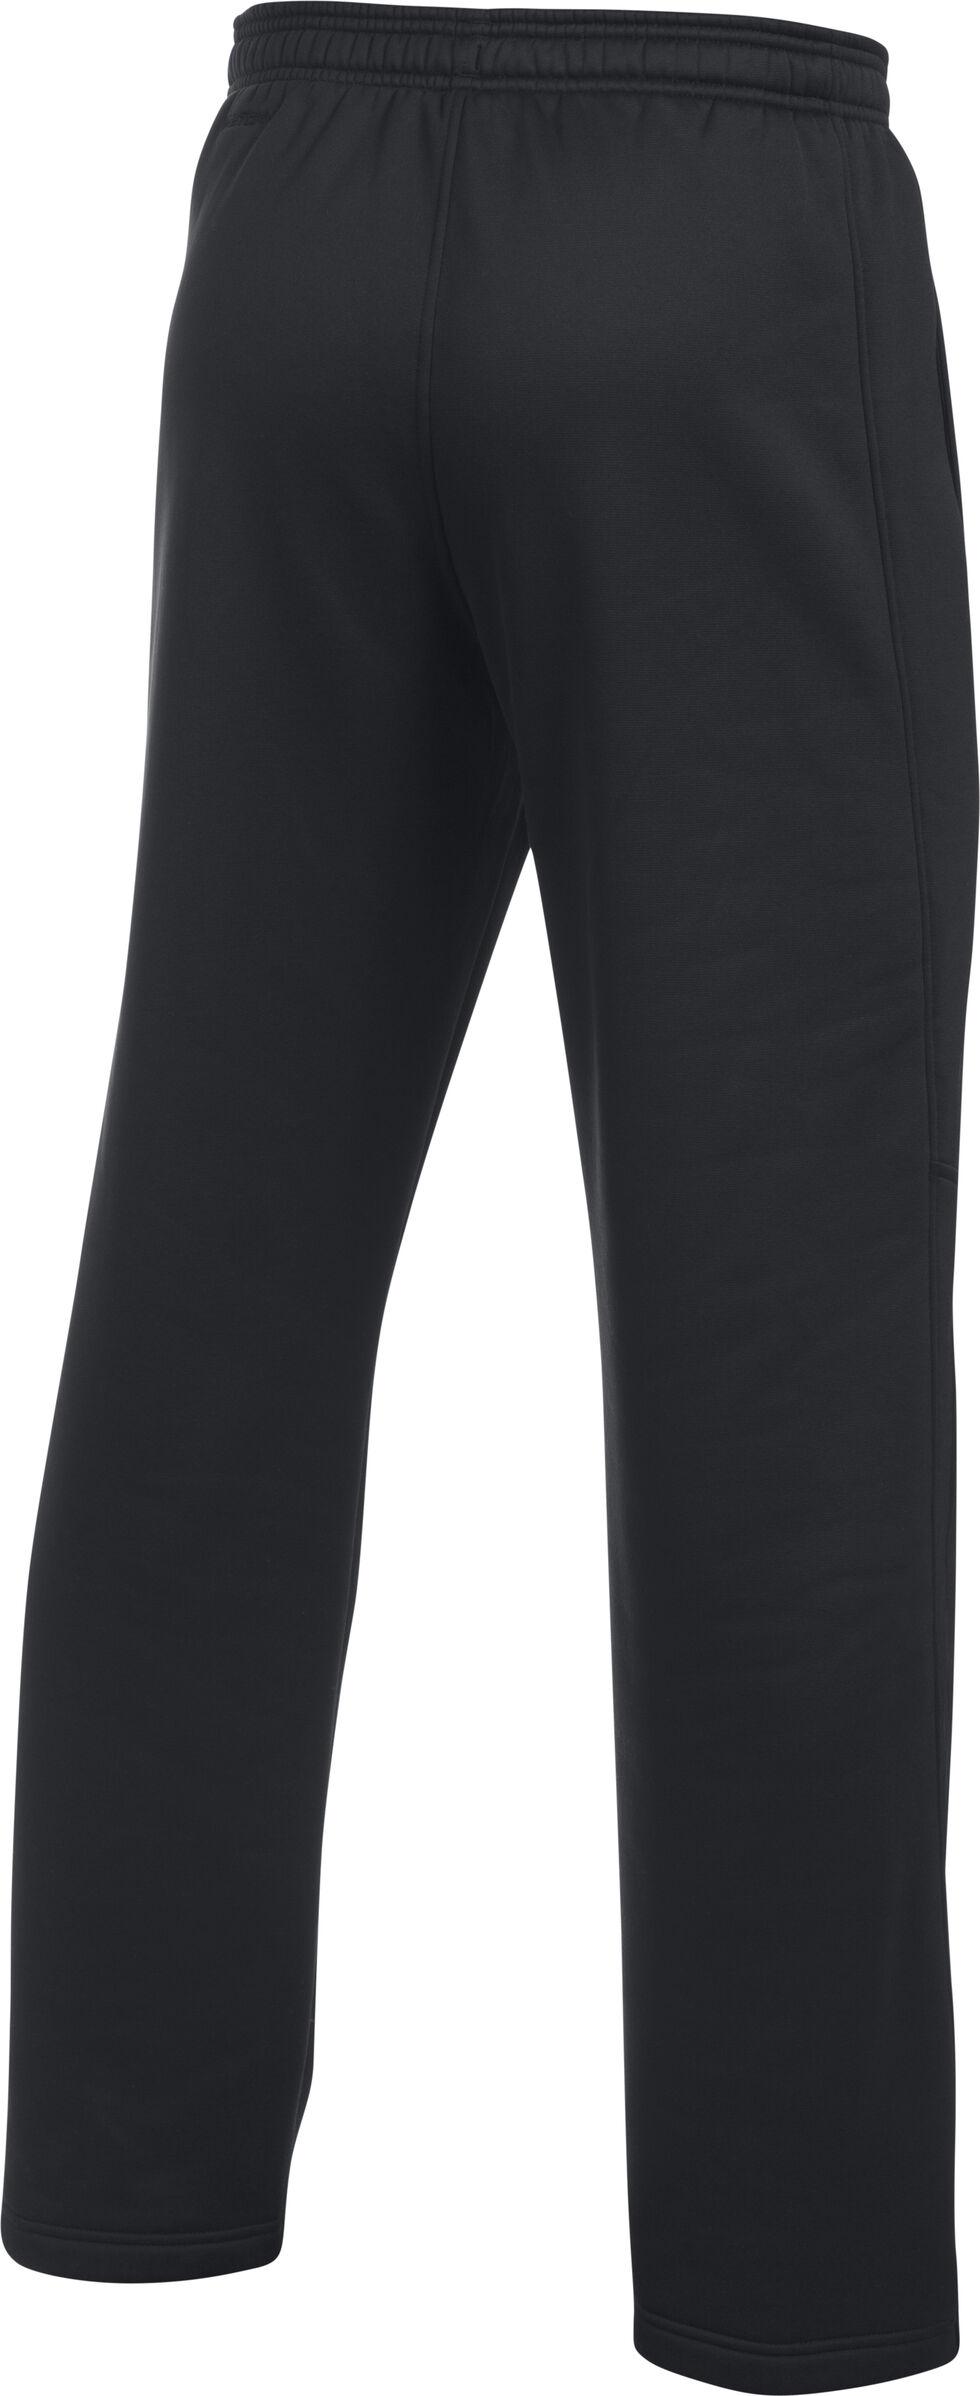 Under Armour Men's Black Storm Armour® Fleece Pants, Black, hi-res